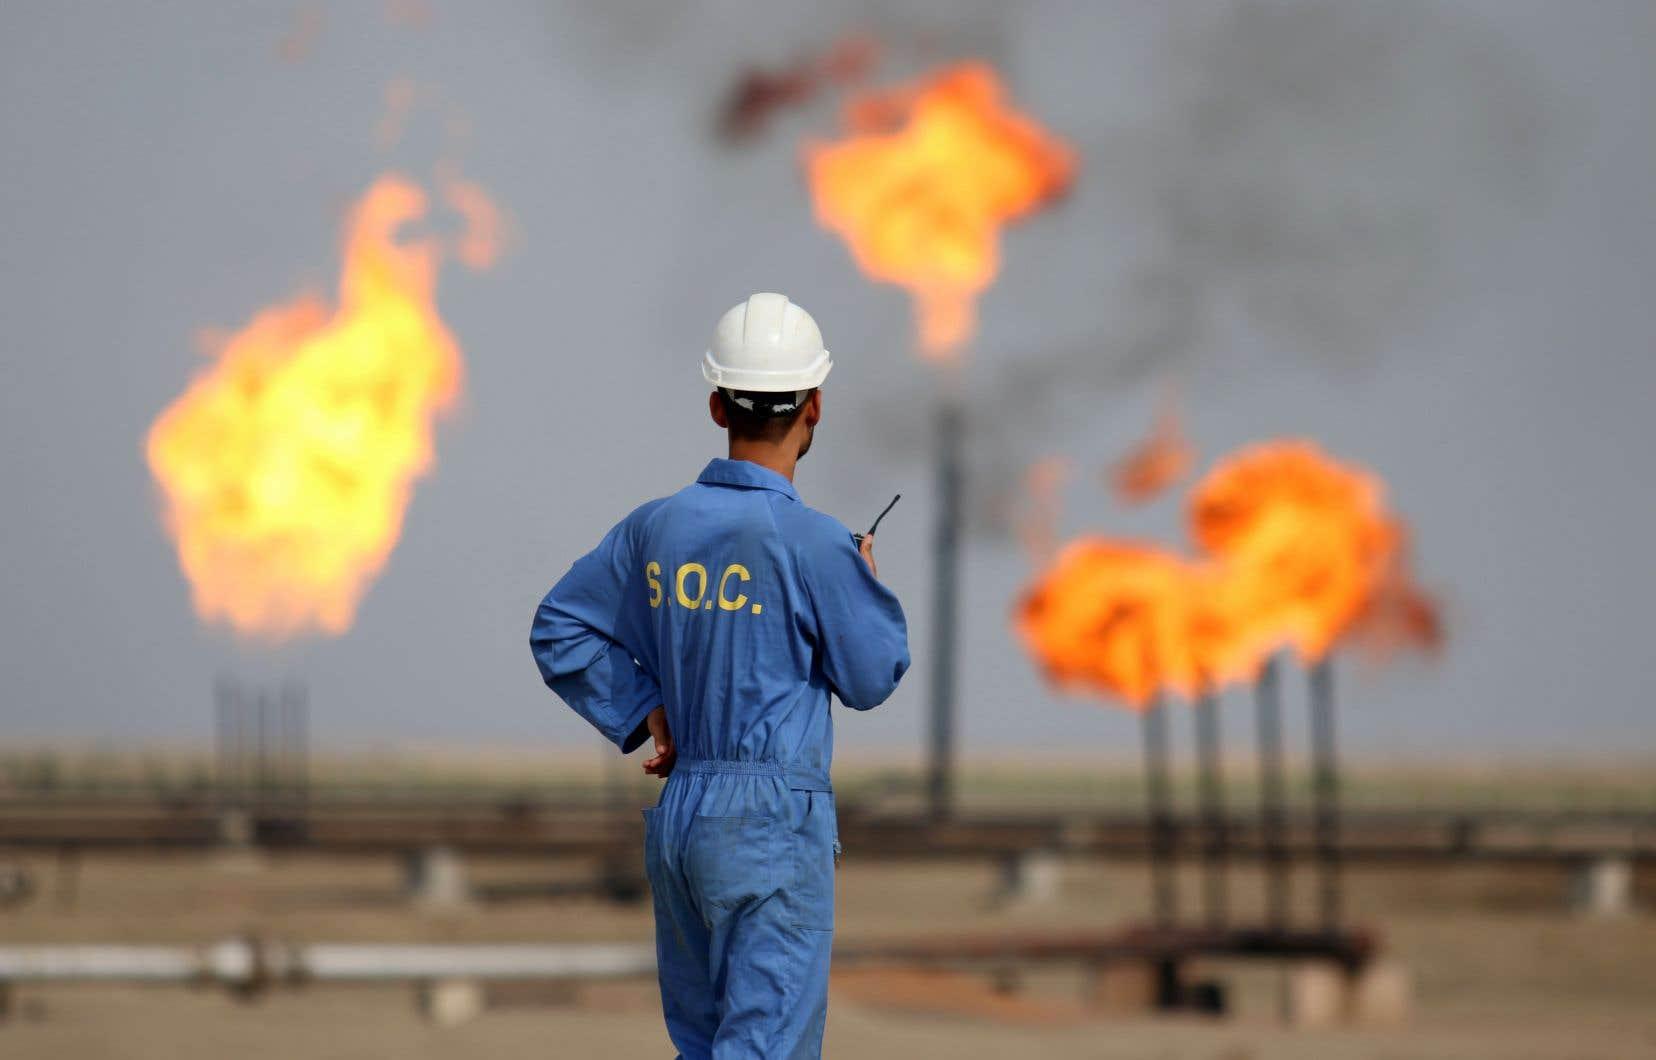 L'Arabie saoudite a appelé jeudi à une réunion «urgente» de l'Organisation des pays exportateurs de pétrole (OPEP) et d'autres pays, dont la Russie, afin de parvenir à un «accord équitable qui rétablira l'équilibre des marchés pétroliers».